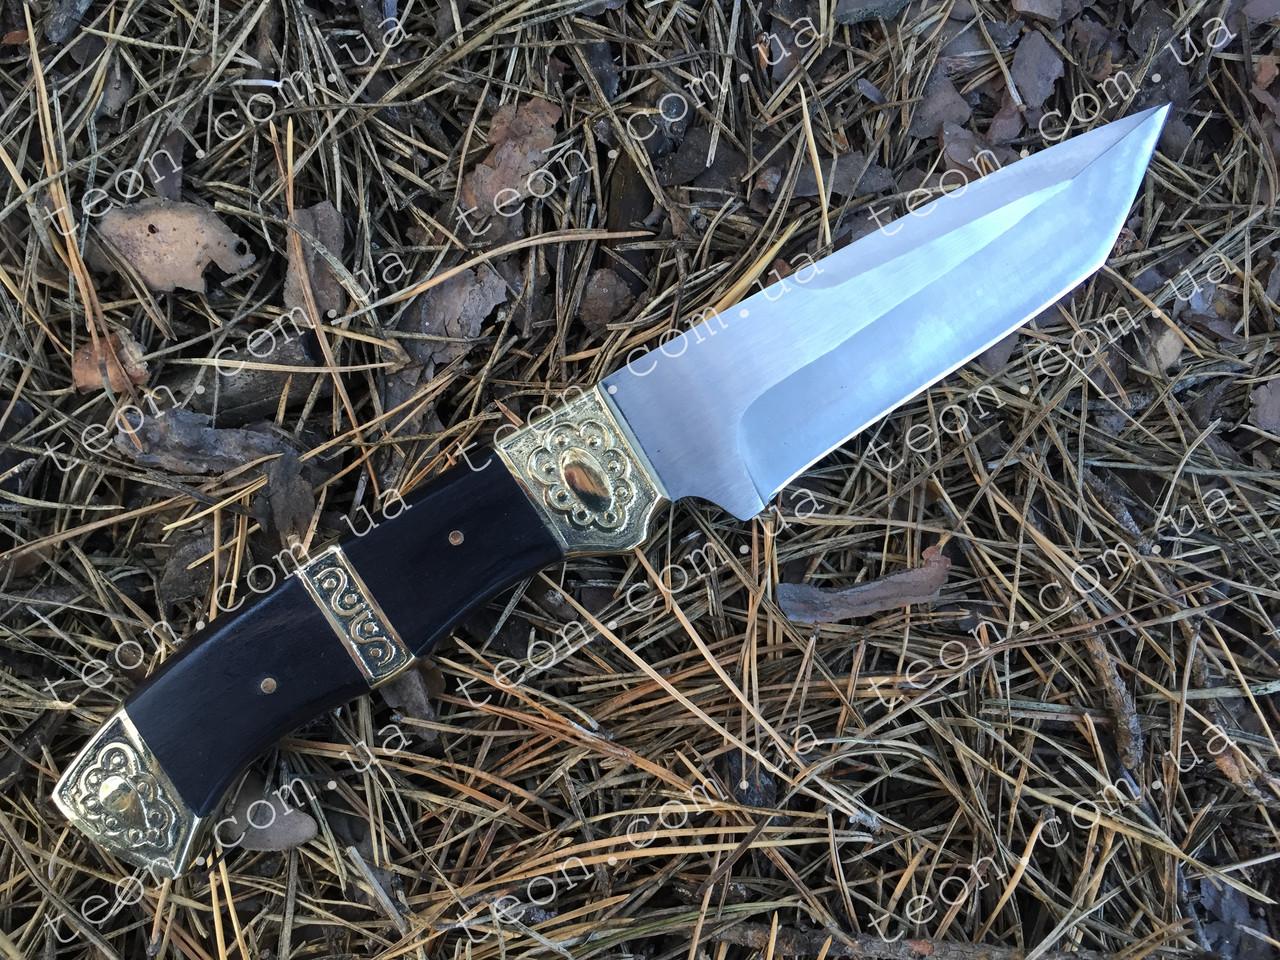 Нож нескладной Танто FB103, кожаный чехол в комплекте